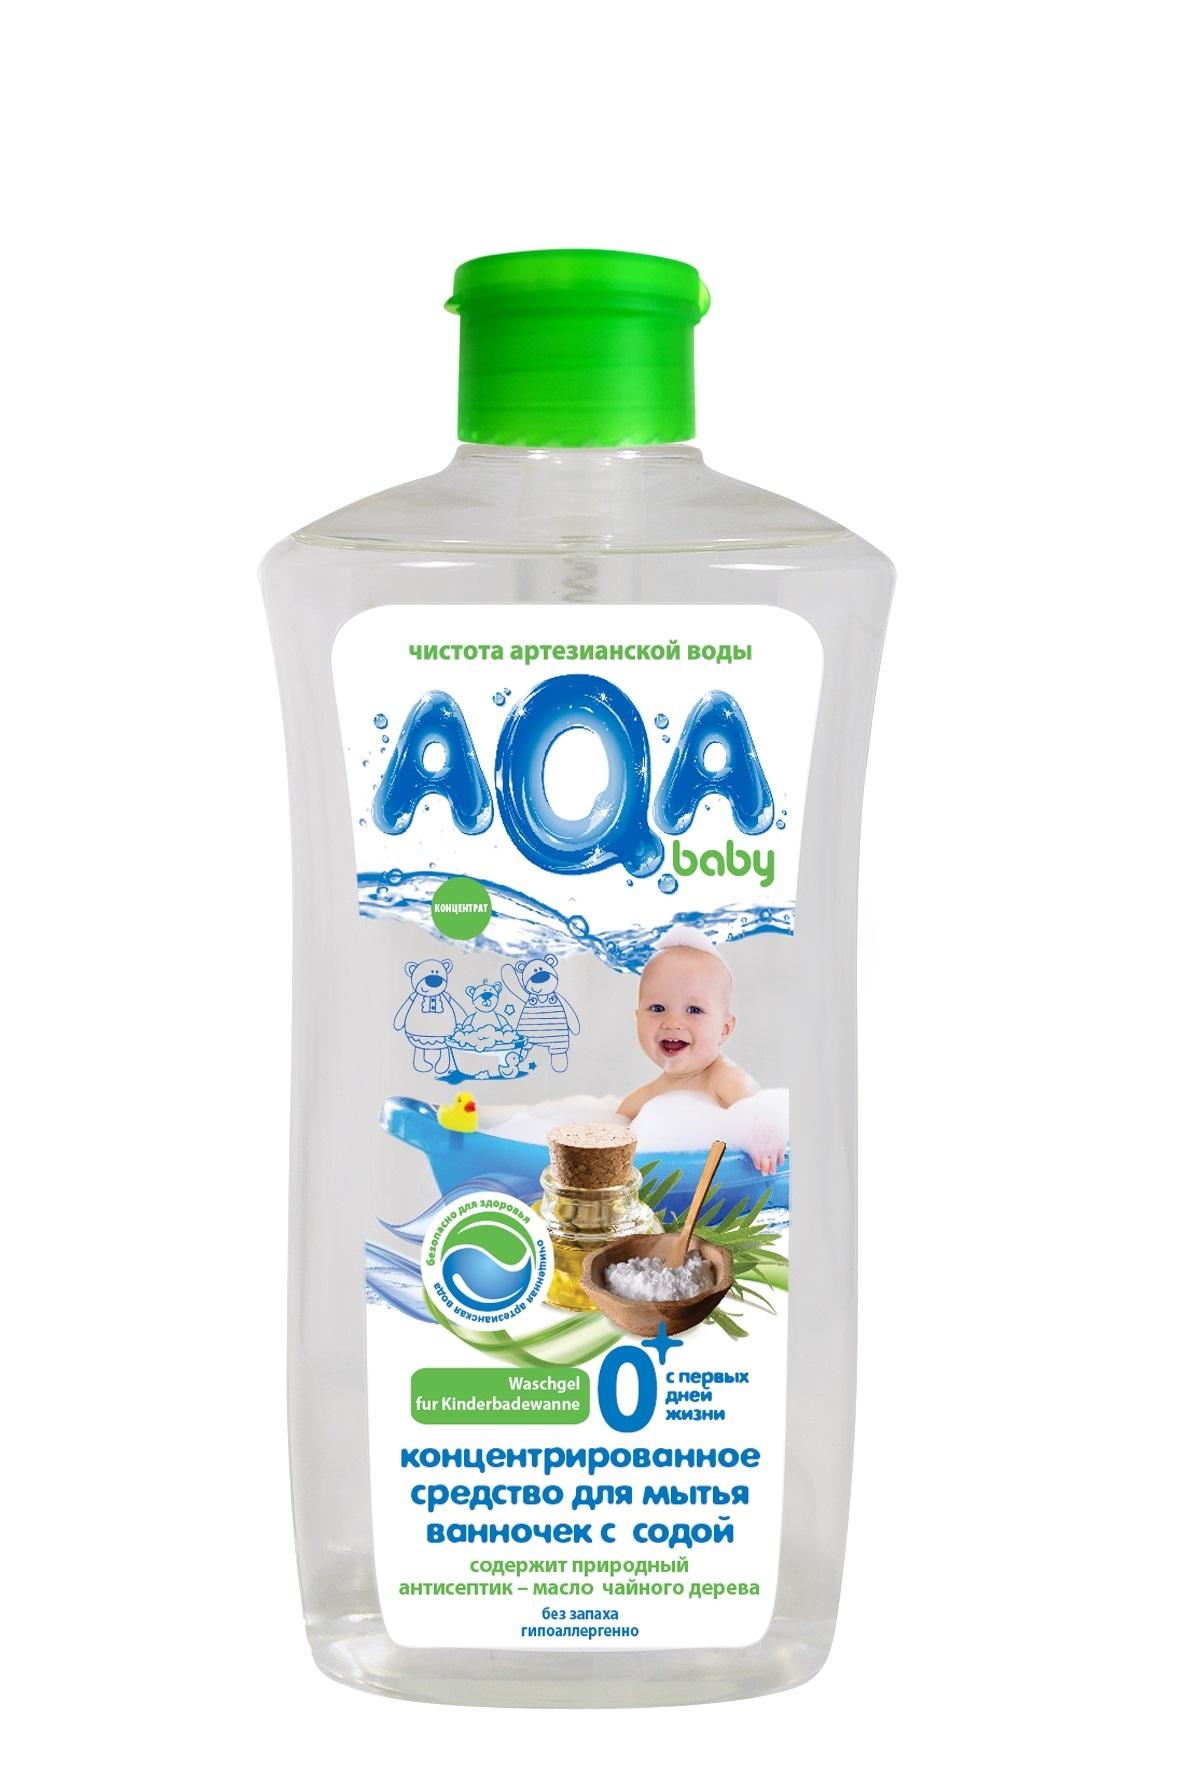 Концентрированное средство для мытья ванночек AQA baby с содой 500 мл baby swimmer средство для мытья ванночек 500 мл